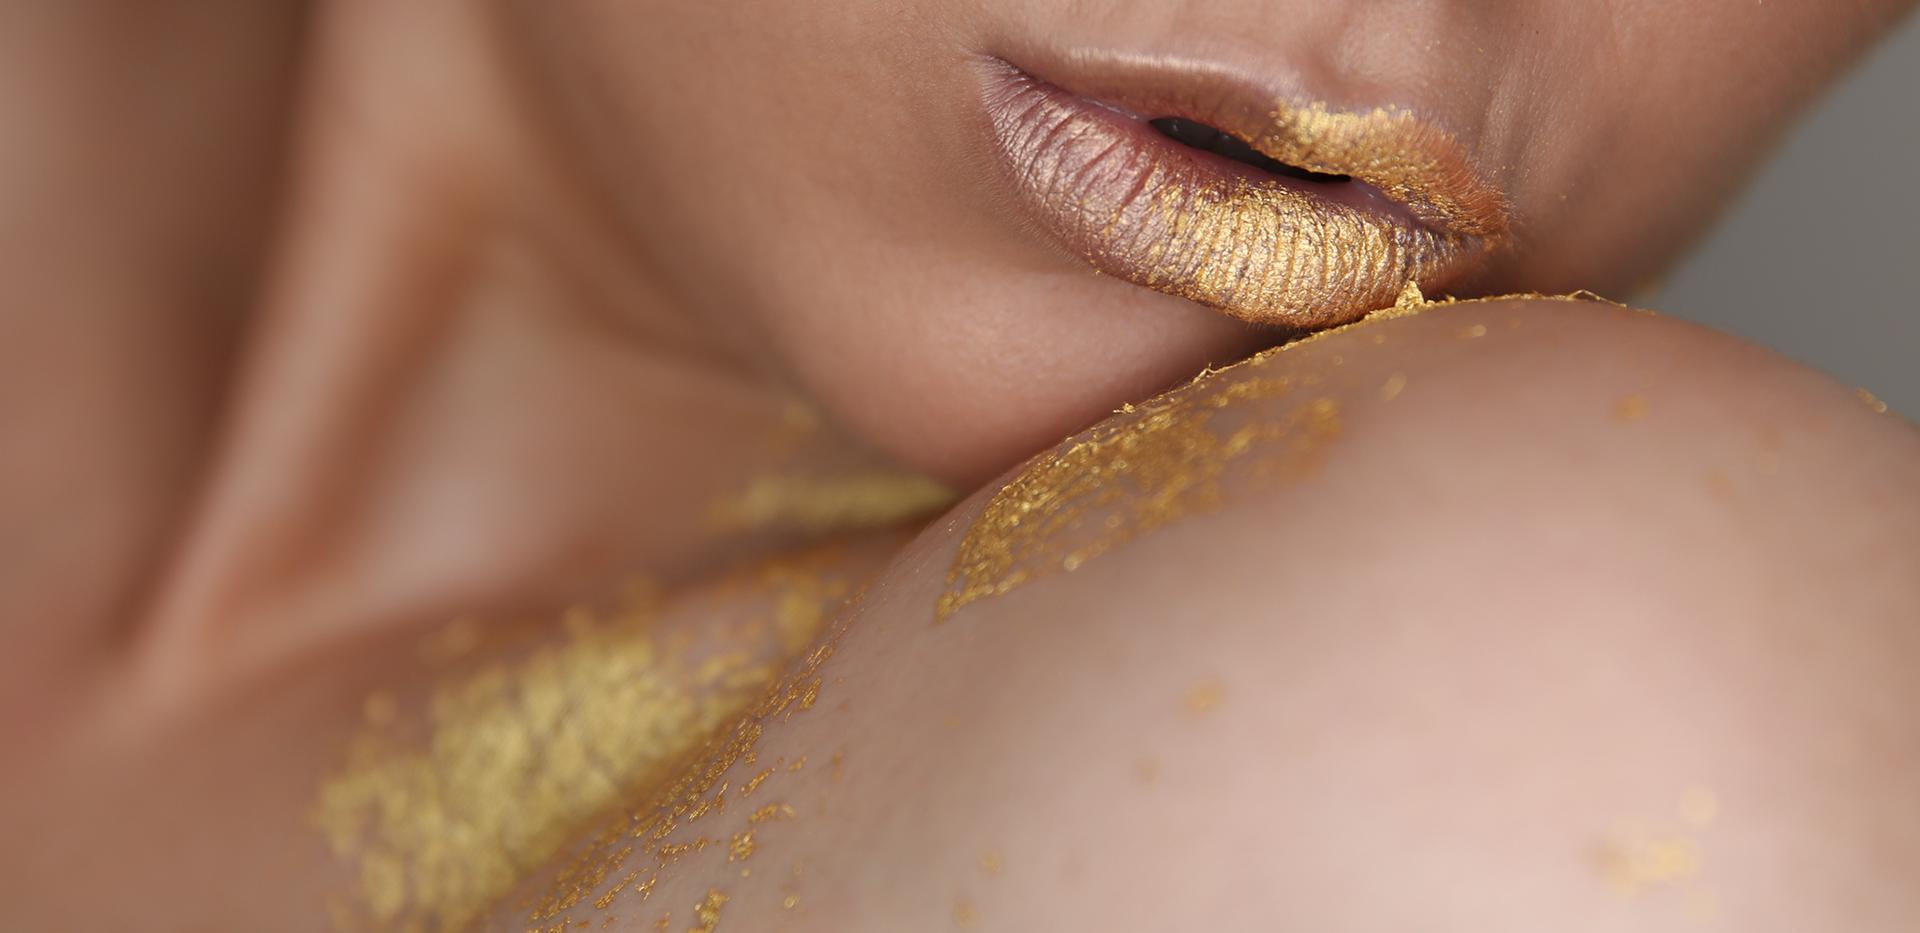 Gold leaf make-up